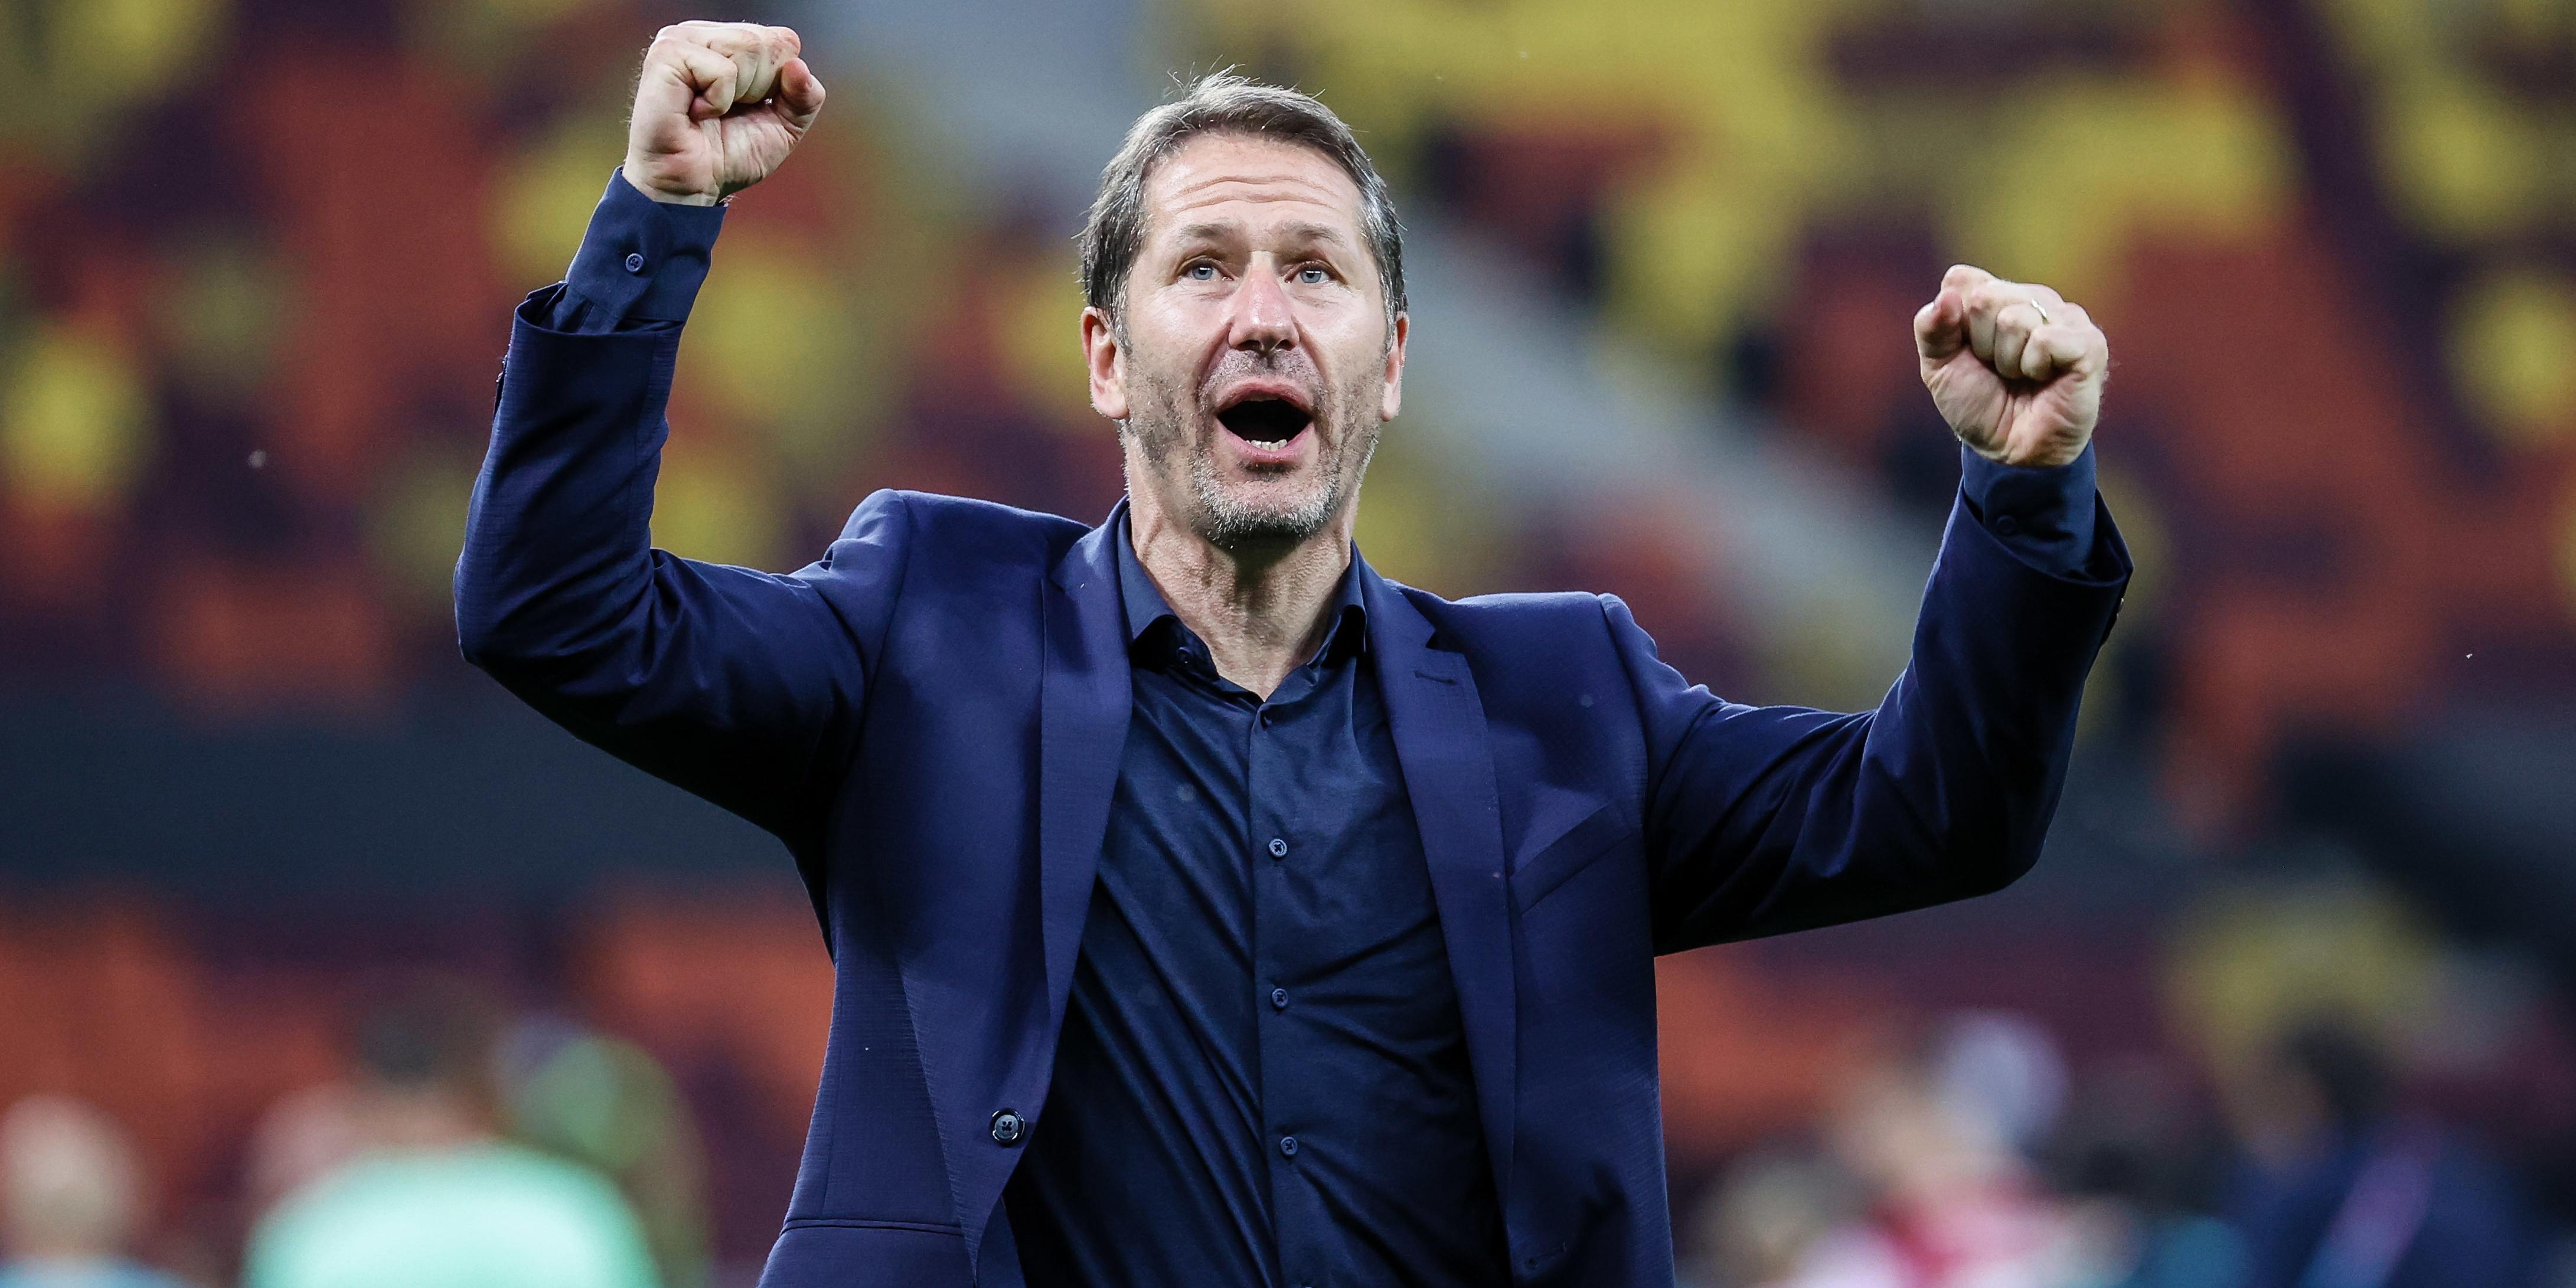 Teamchef Franco Foda jubelt über den 1:0-Sieg gegen die Ukraine